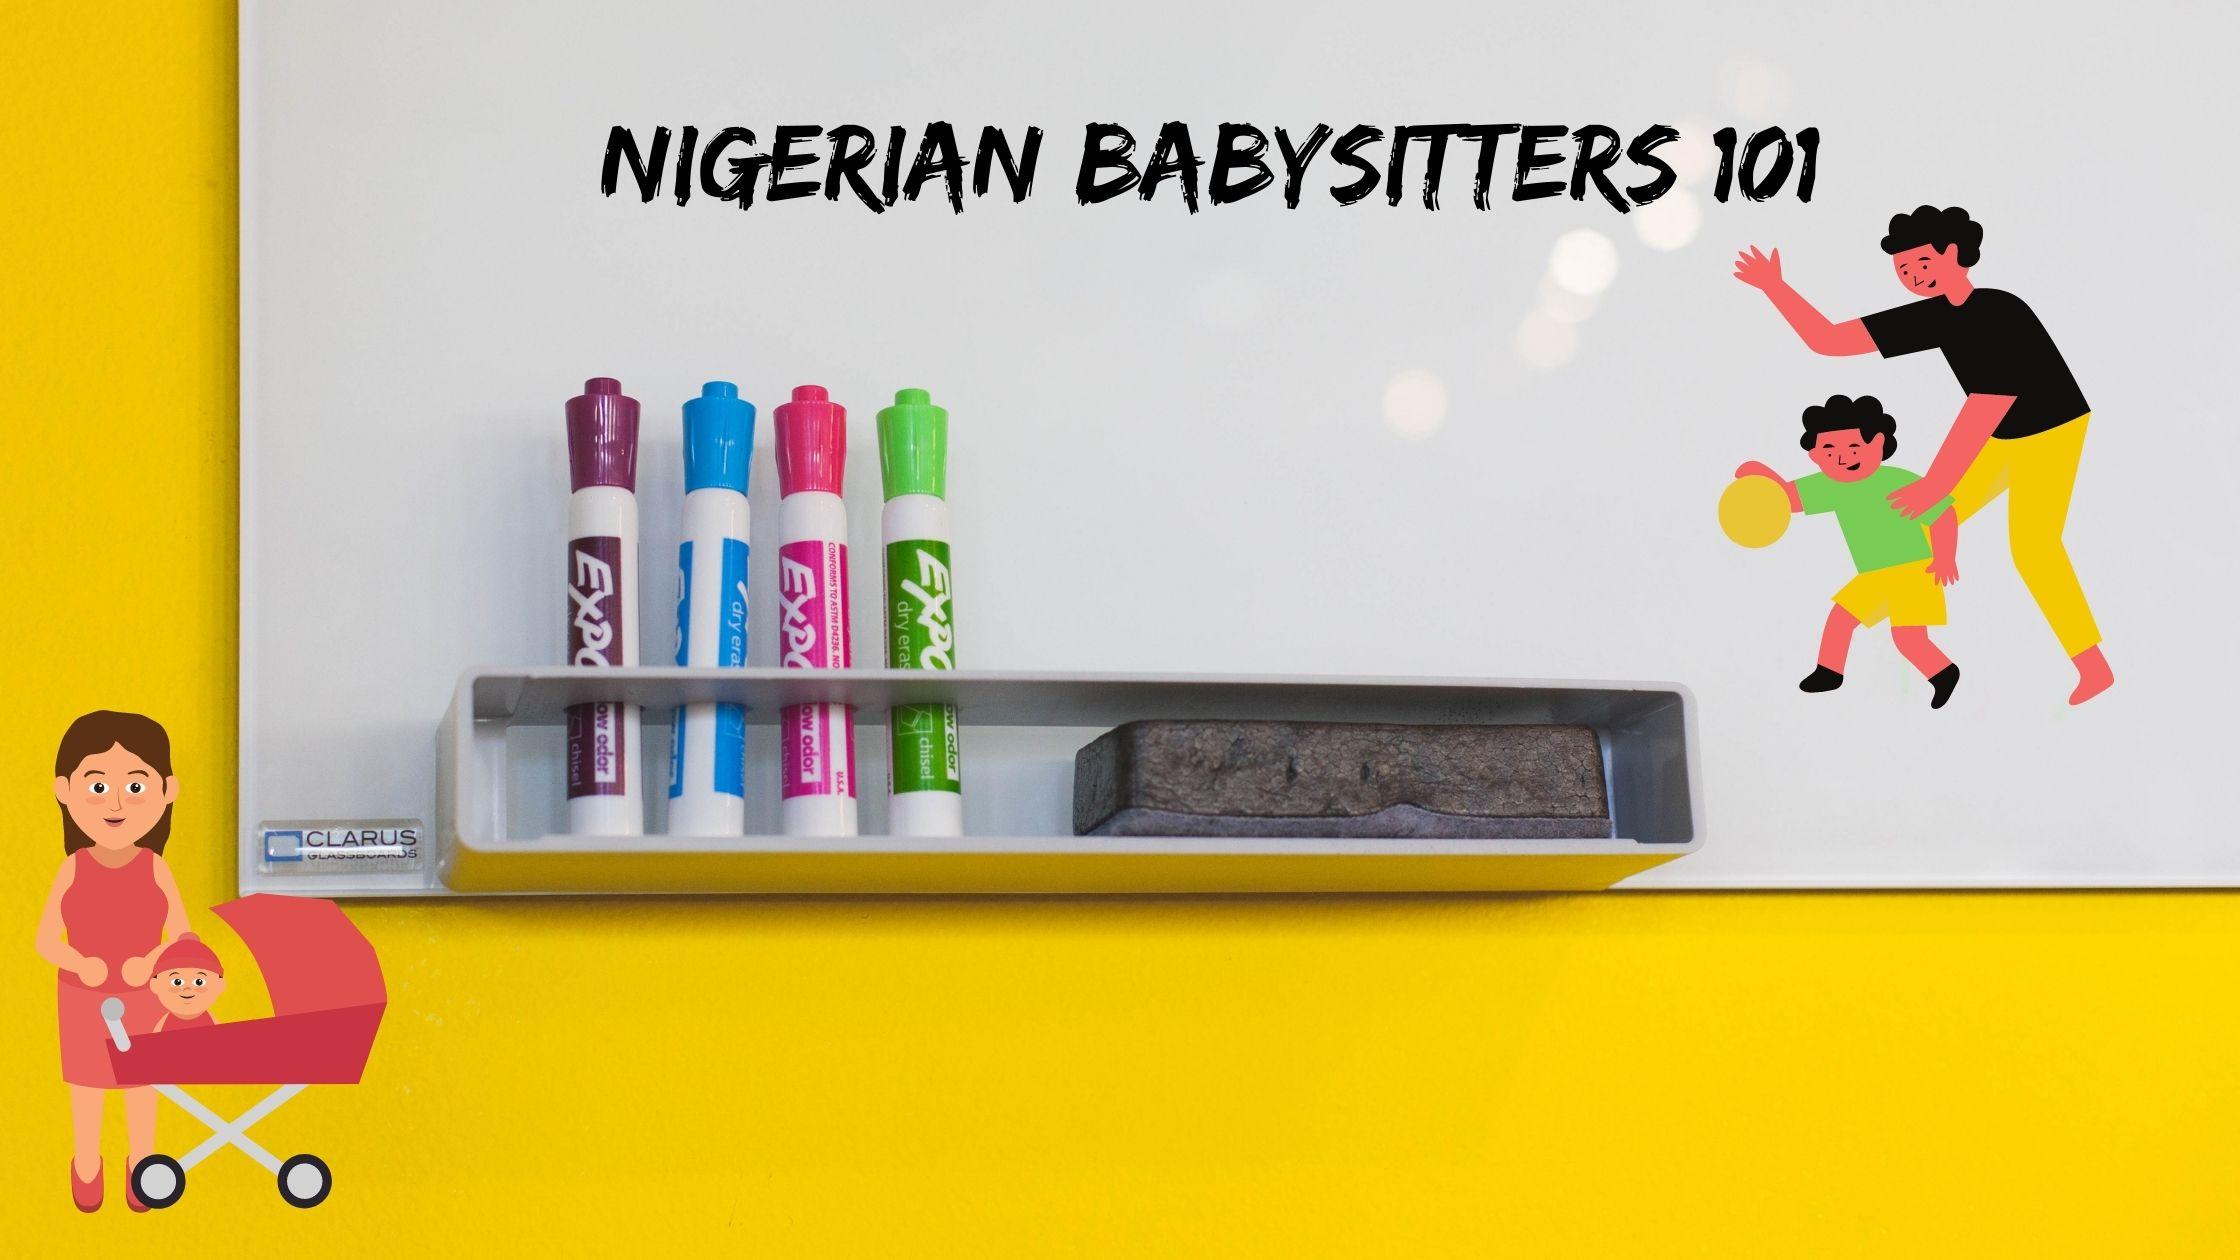 Nigerian babysitters 101